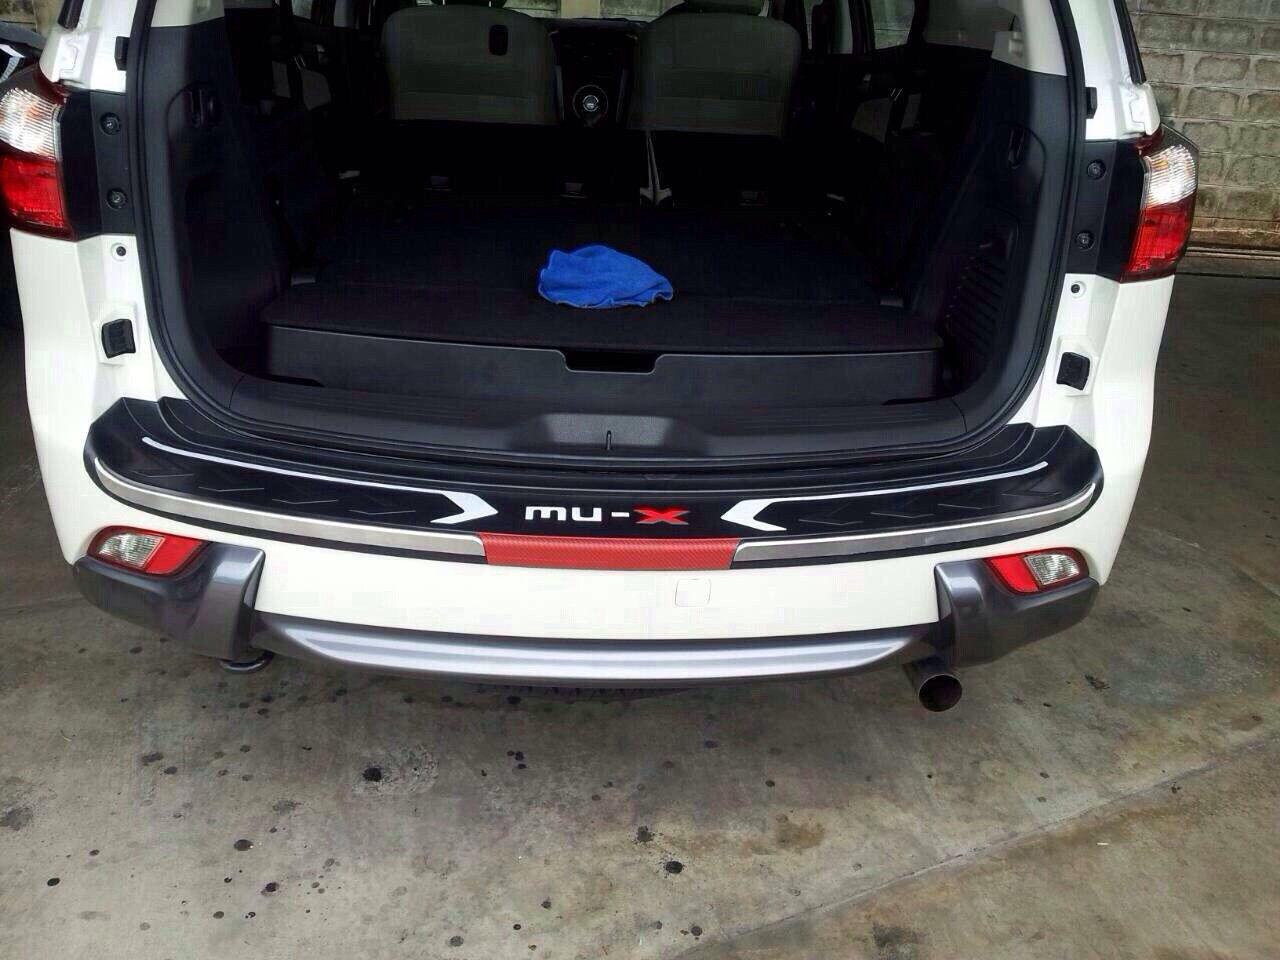 B & B Auto Sales >> FOR NEW ISUZU MU-X 2014 SUV TFP CHROME+BLACK+RED TAIL REAR ...